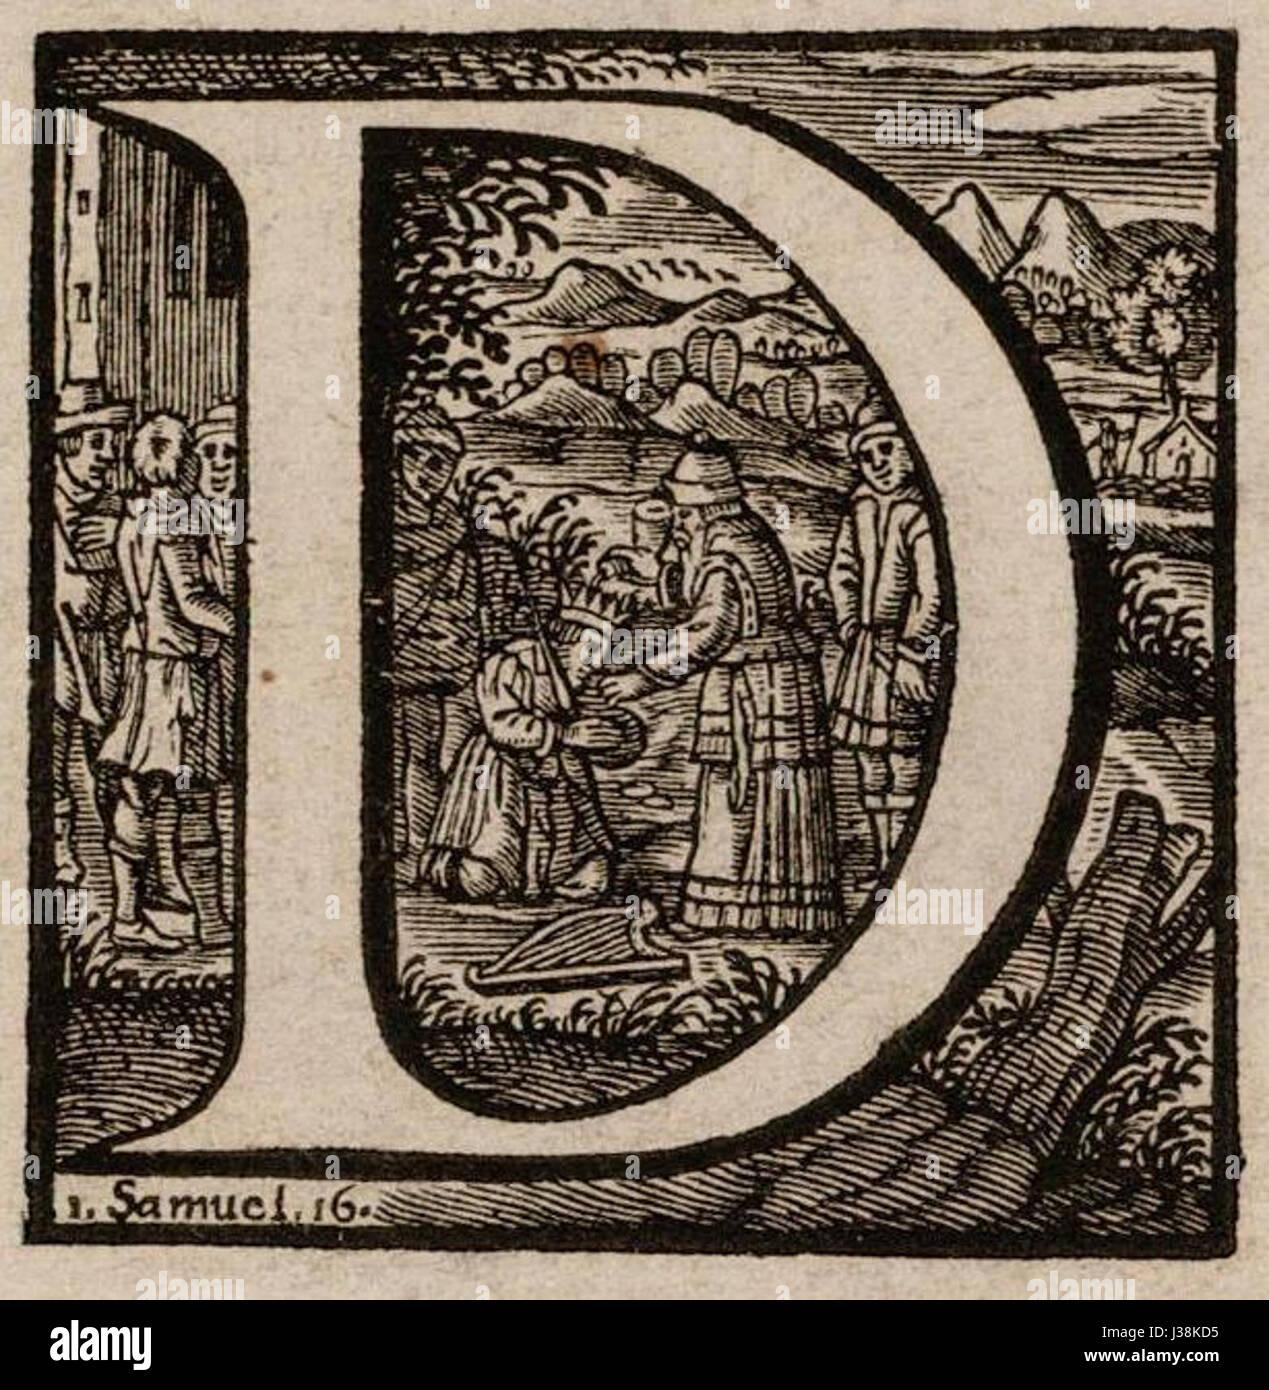 Cornelis anthonisz initiaal d - Stock Image